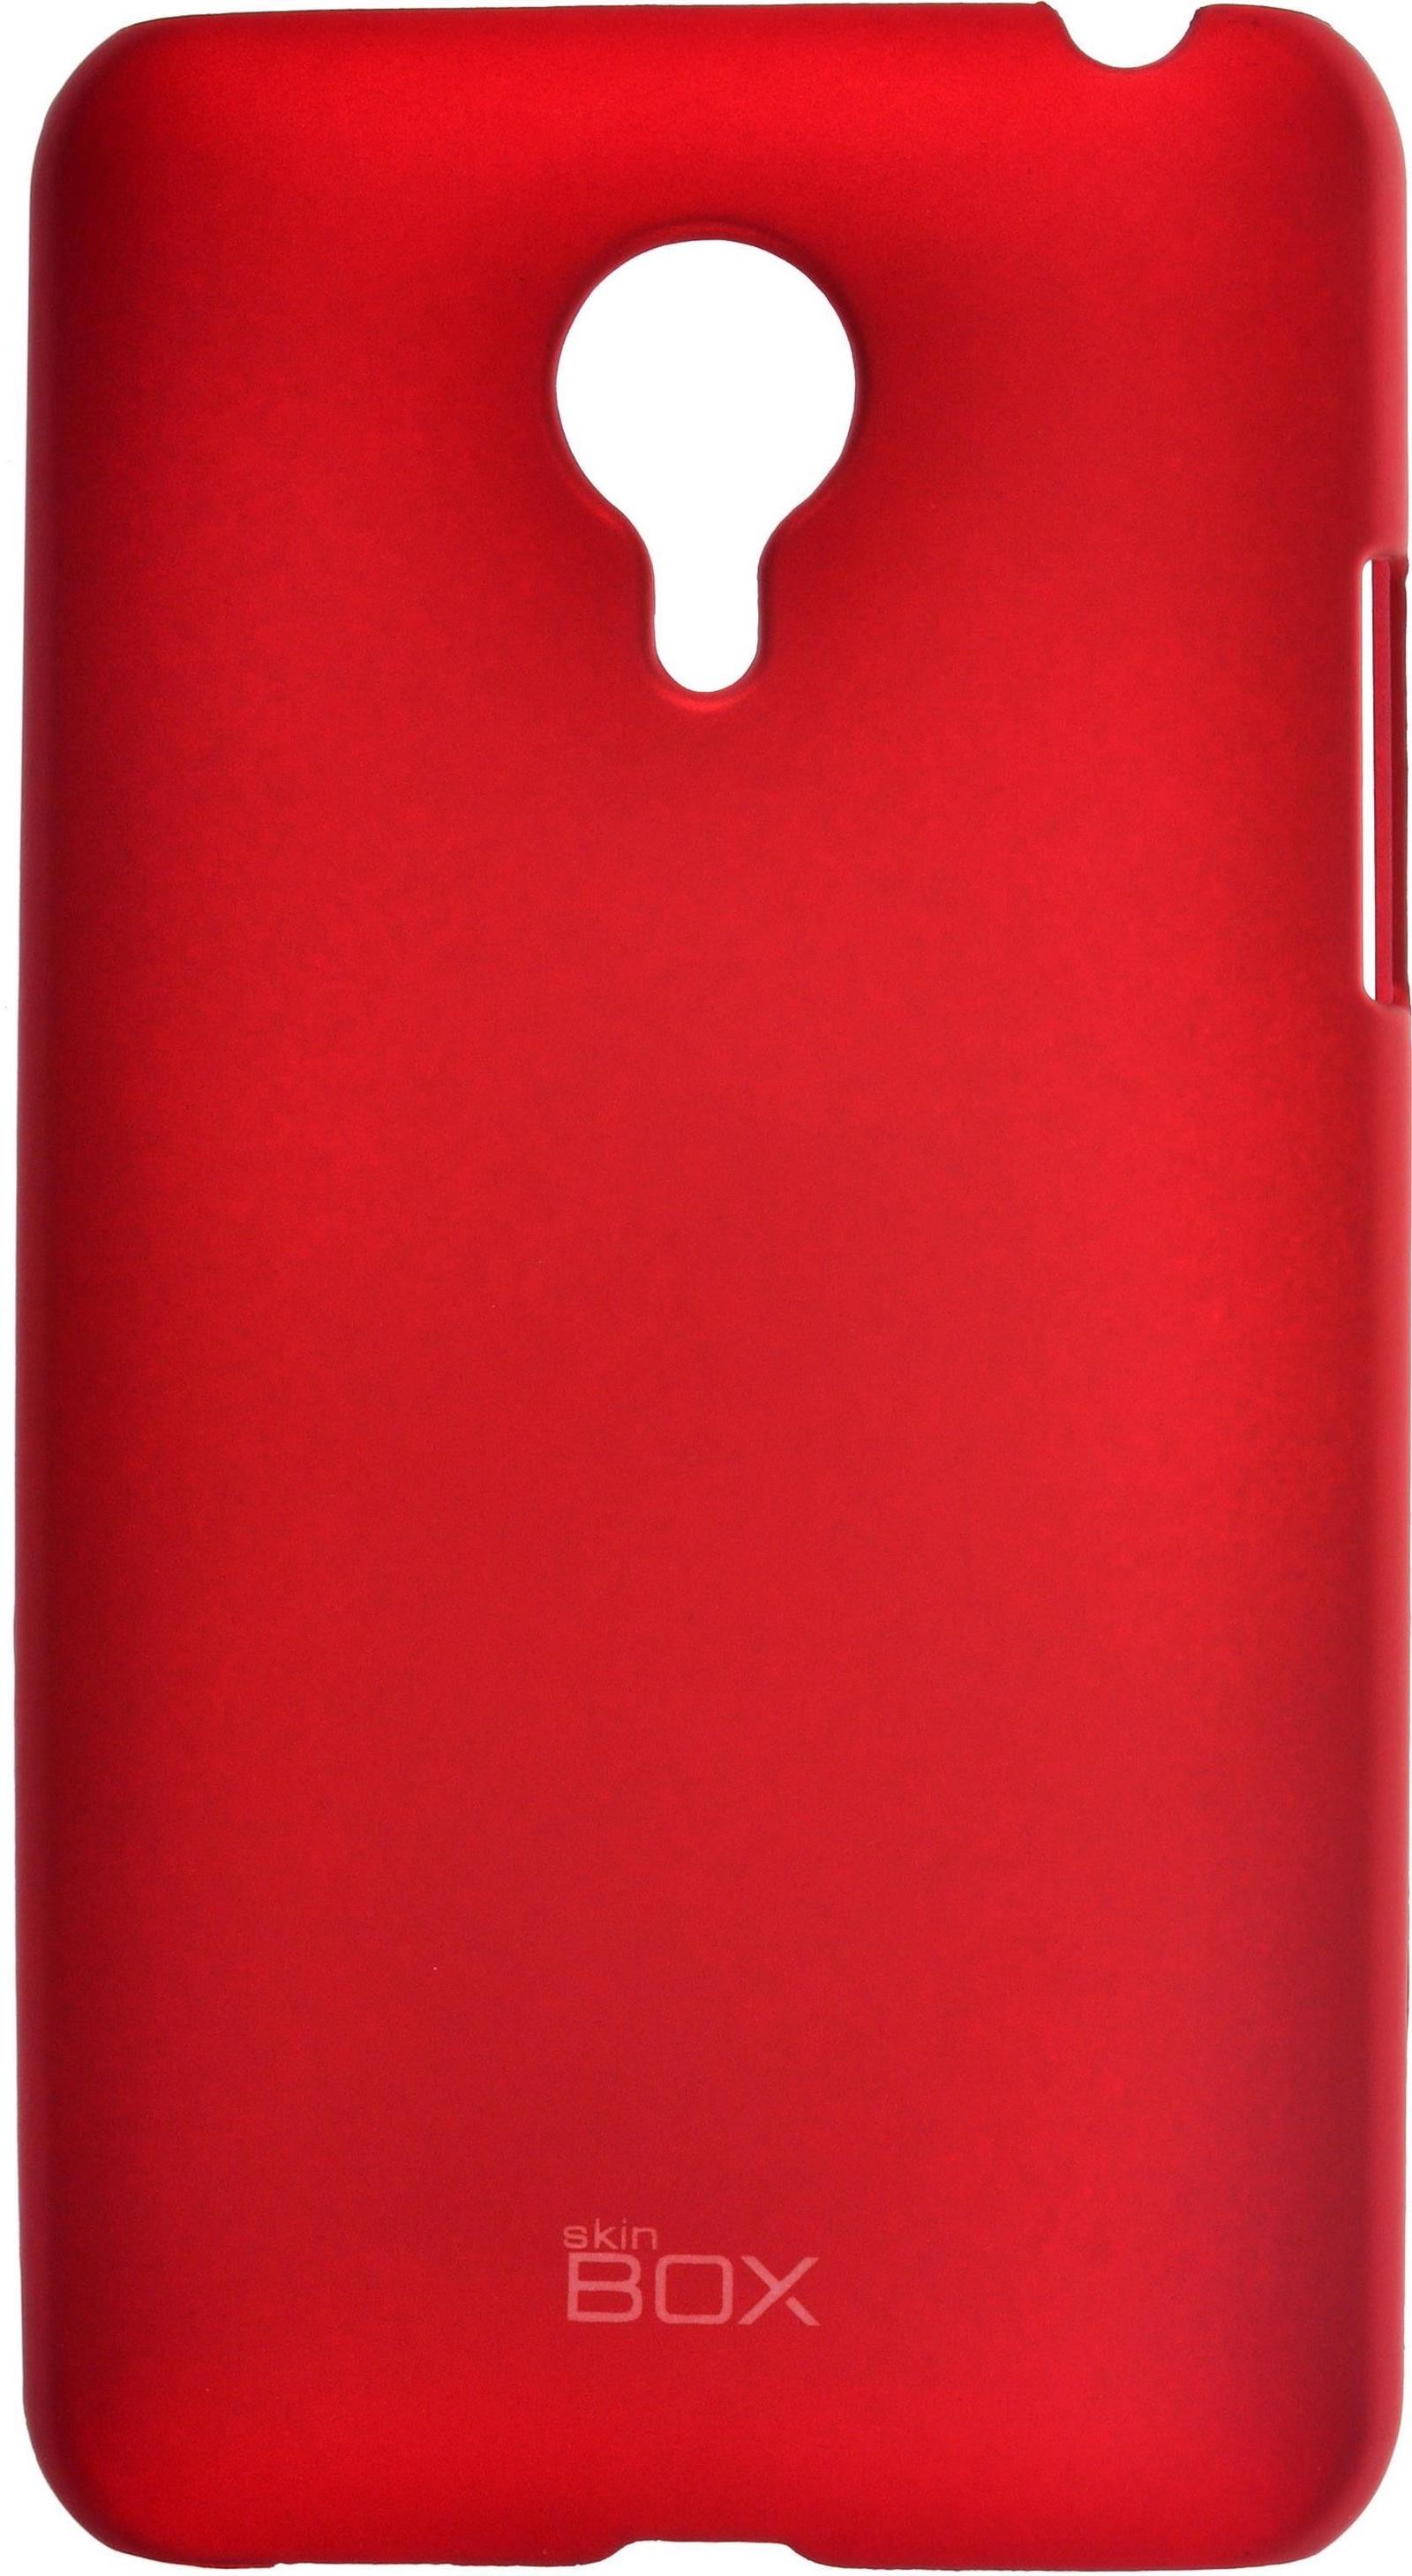 Чехол для сотового телефона skinBOX 4People, 4630042526945, красный стоимость